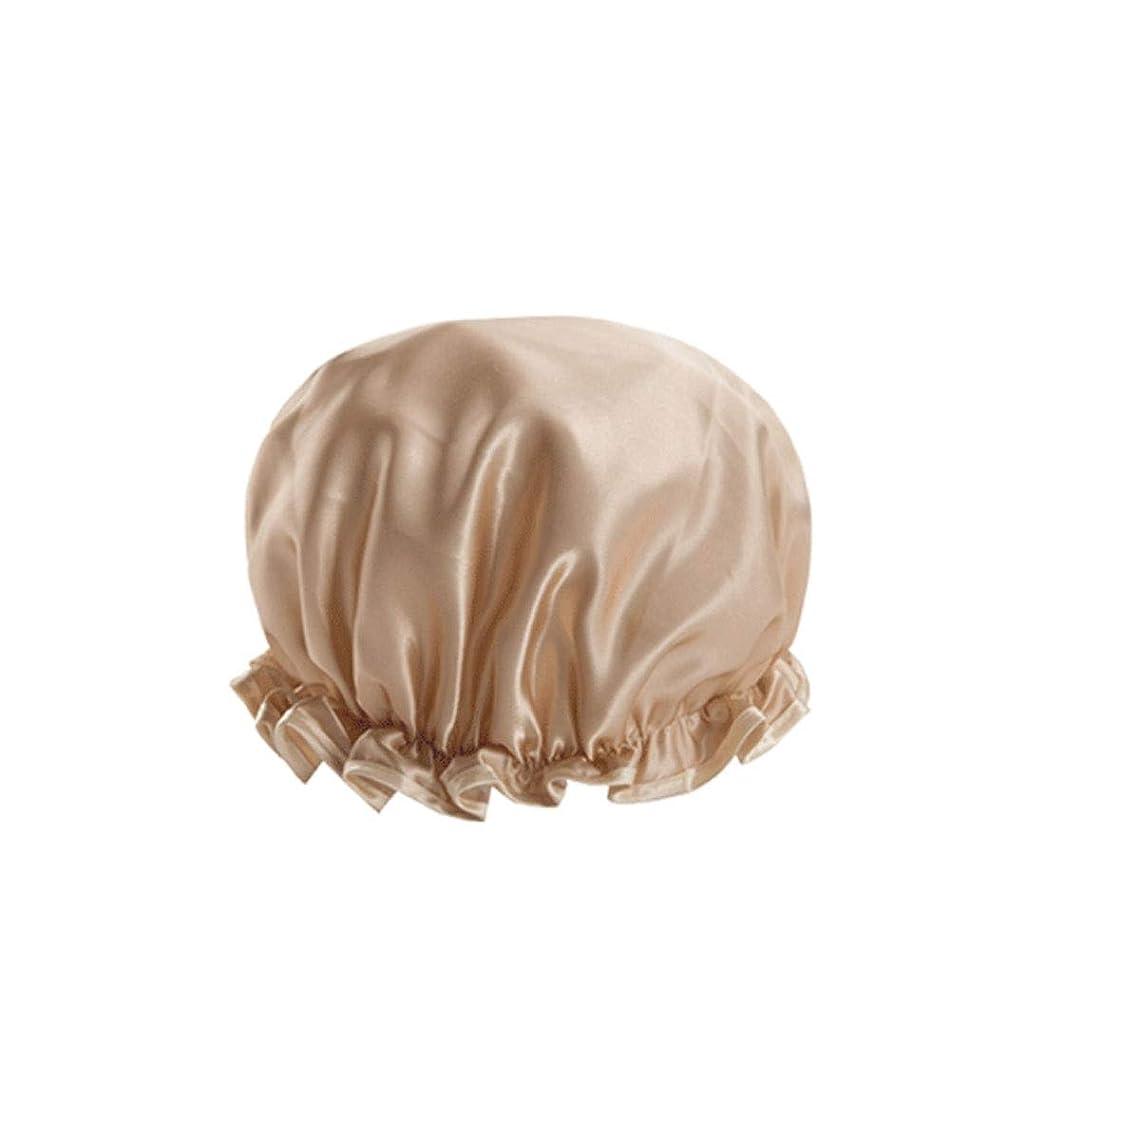 誤解を招く輸送最少XIONGHAIZI シャワーキャップ、シャワーキャップ、女性用防水ロングヘアハット、シャワーダブルシャワーキャップ、家庭用台所用オイル、スモークプルーフシャワーキャップ、ピンク、シャンパン、 (Color : Champagne)